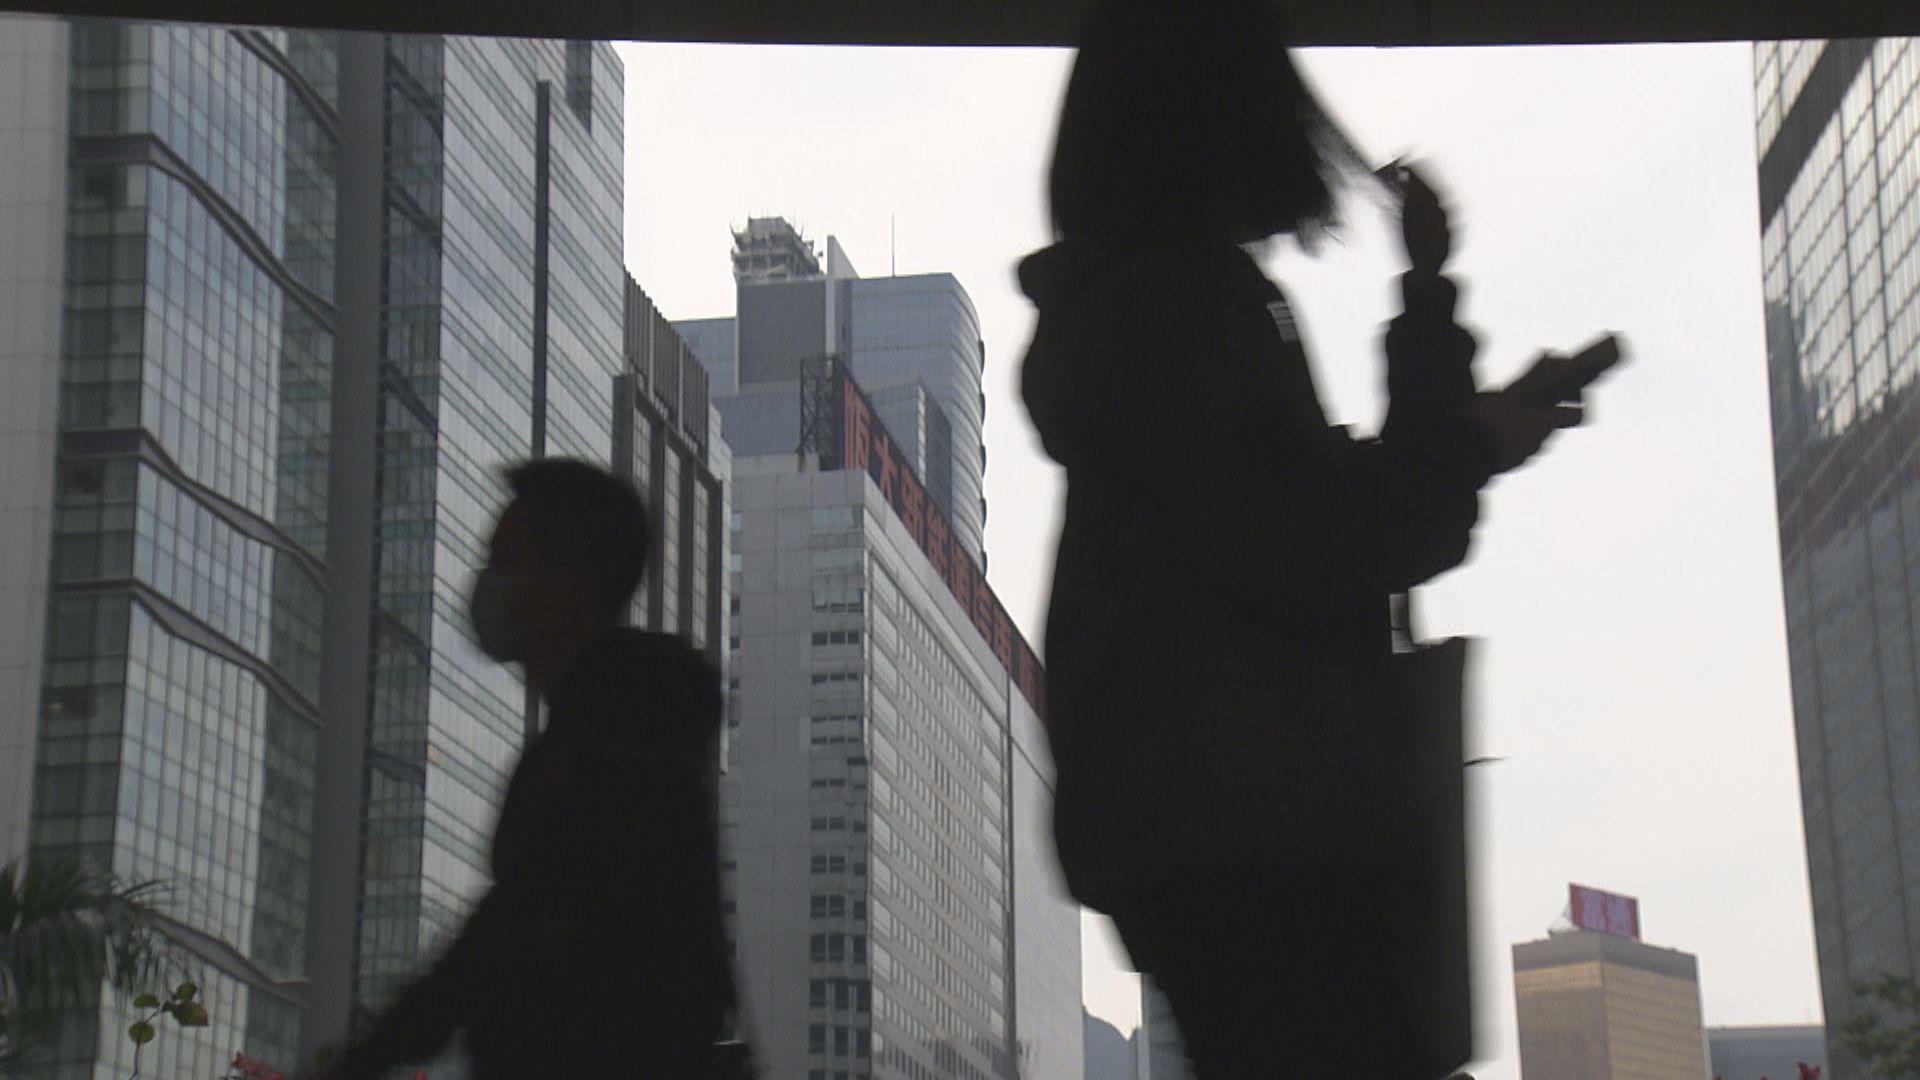 【環球薈報】世衛研究指工時過長致死情況加劇